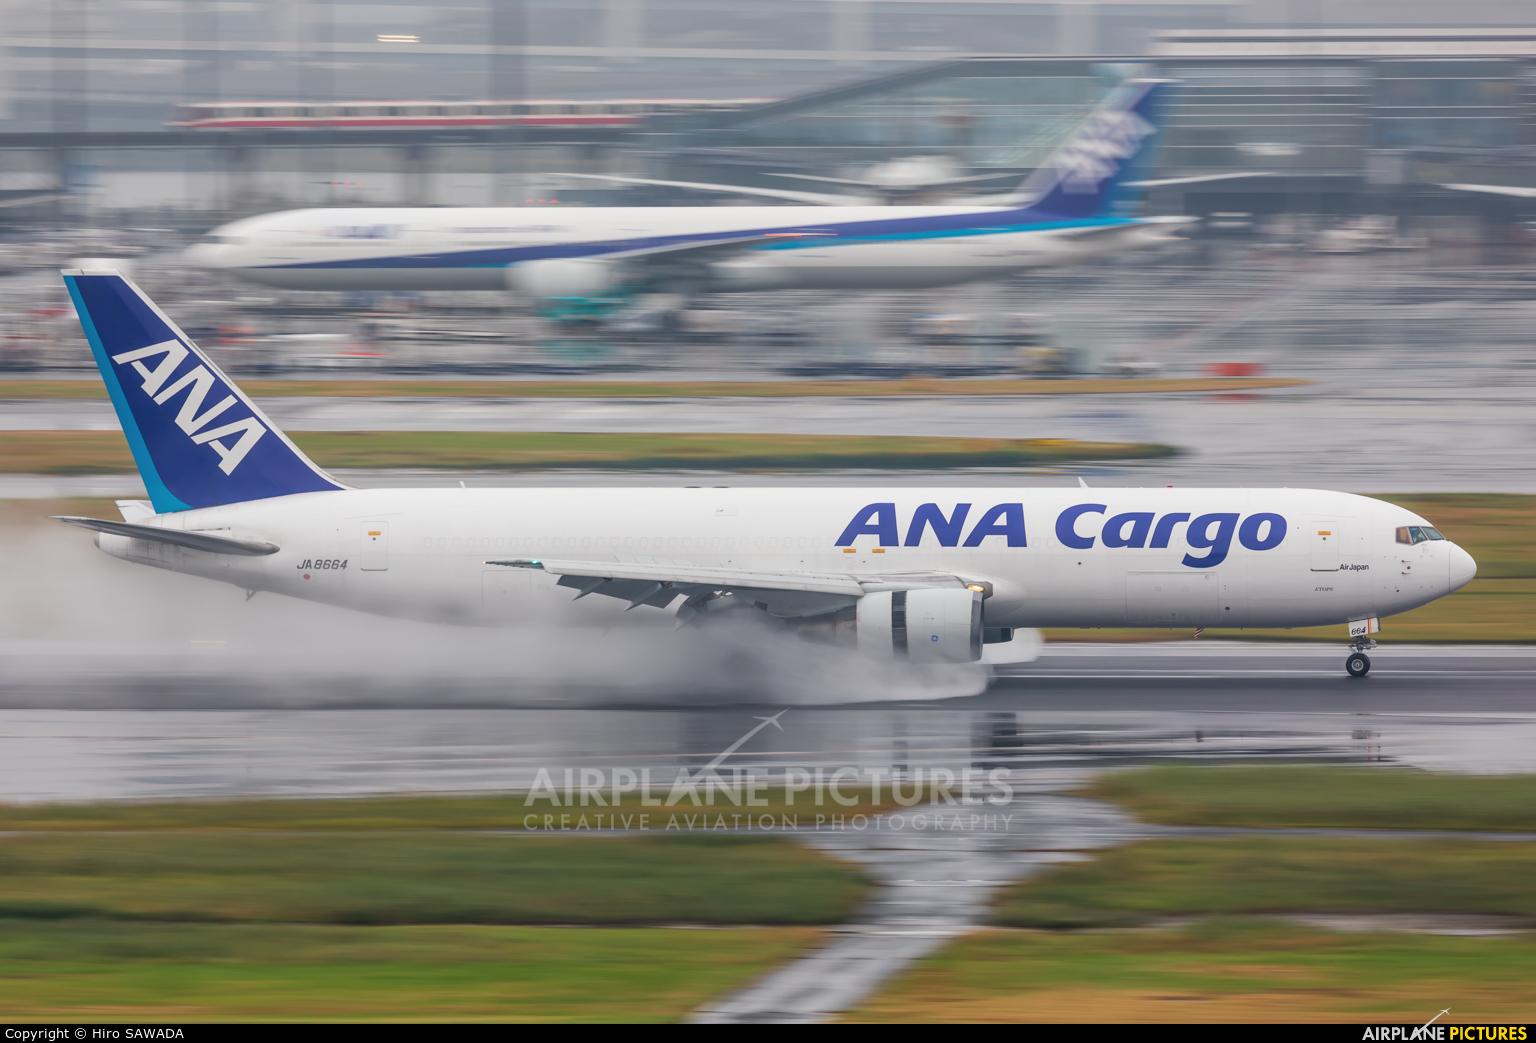 ANA Cargo JA8664 aircraft at Tokyo - Haneda Intl